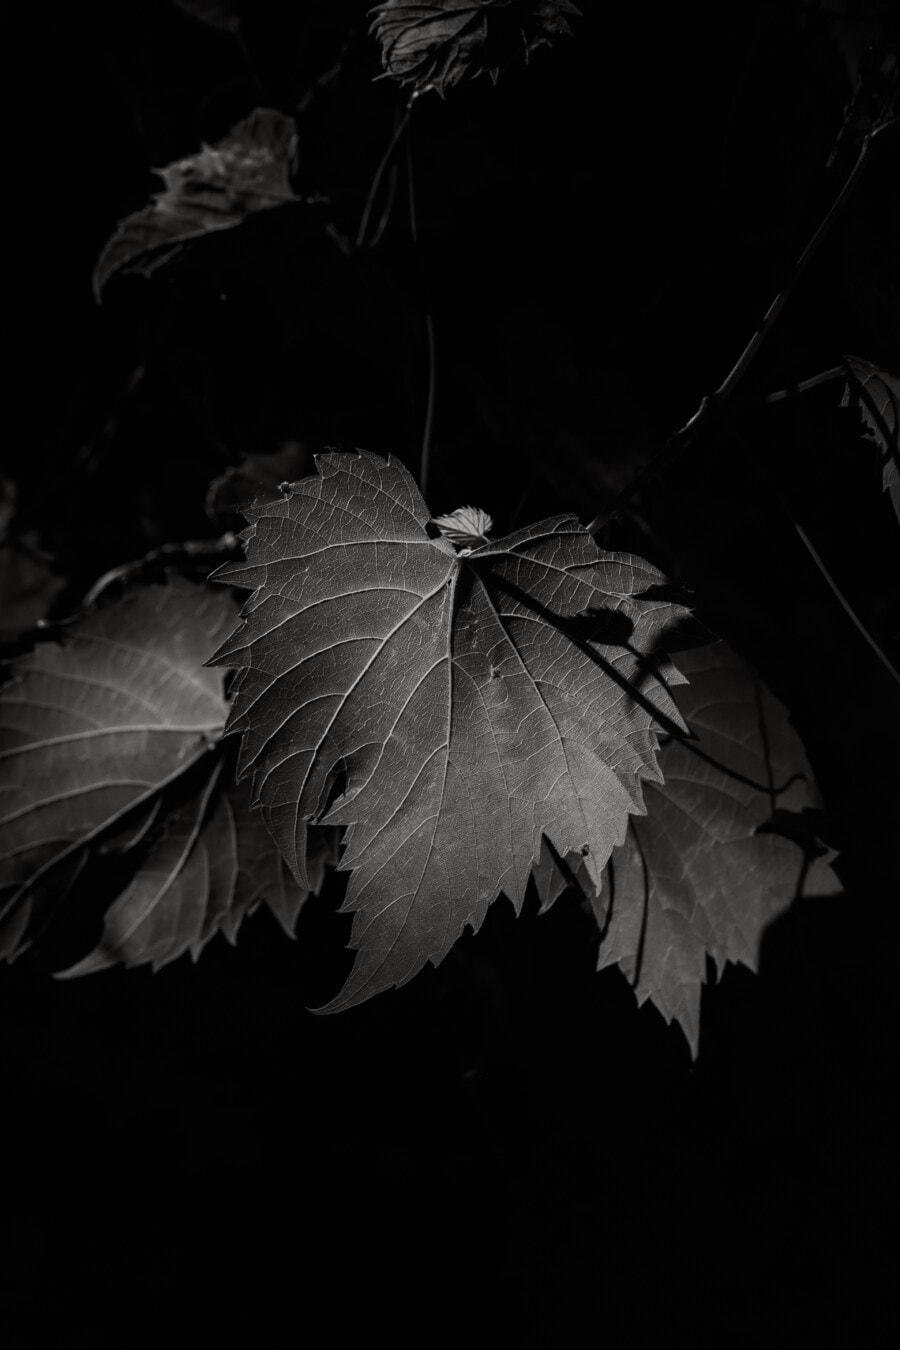 czarno-białe, monochromatyczne, liść, cień, ciemności, gałązka, cień, sztuka, tekstury, kontrast